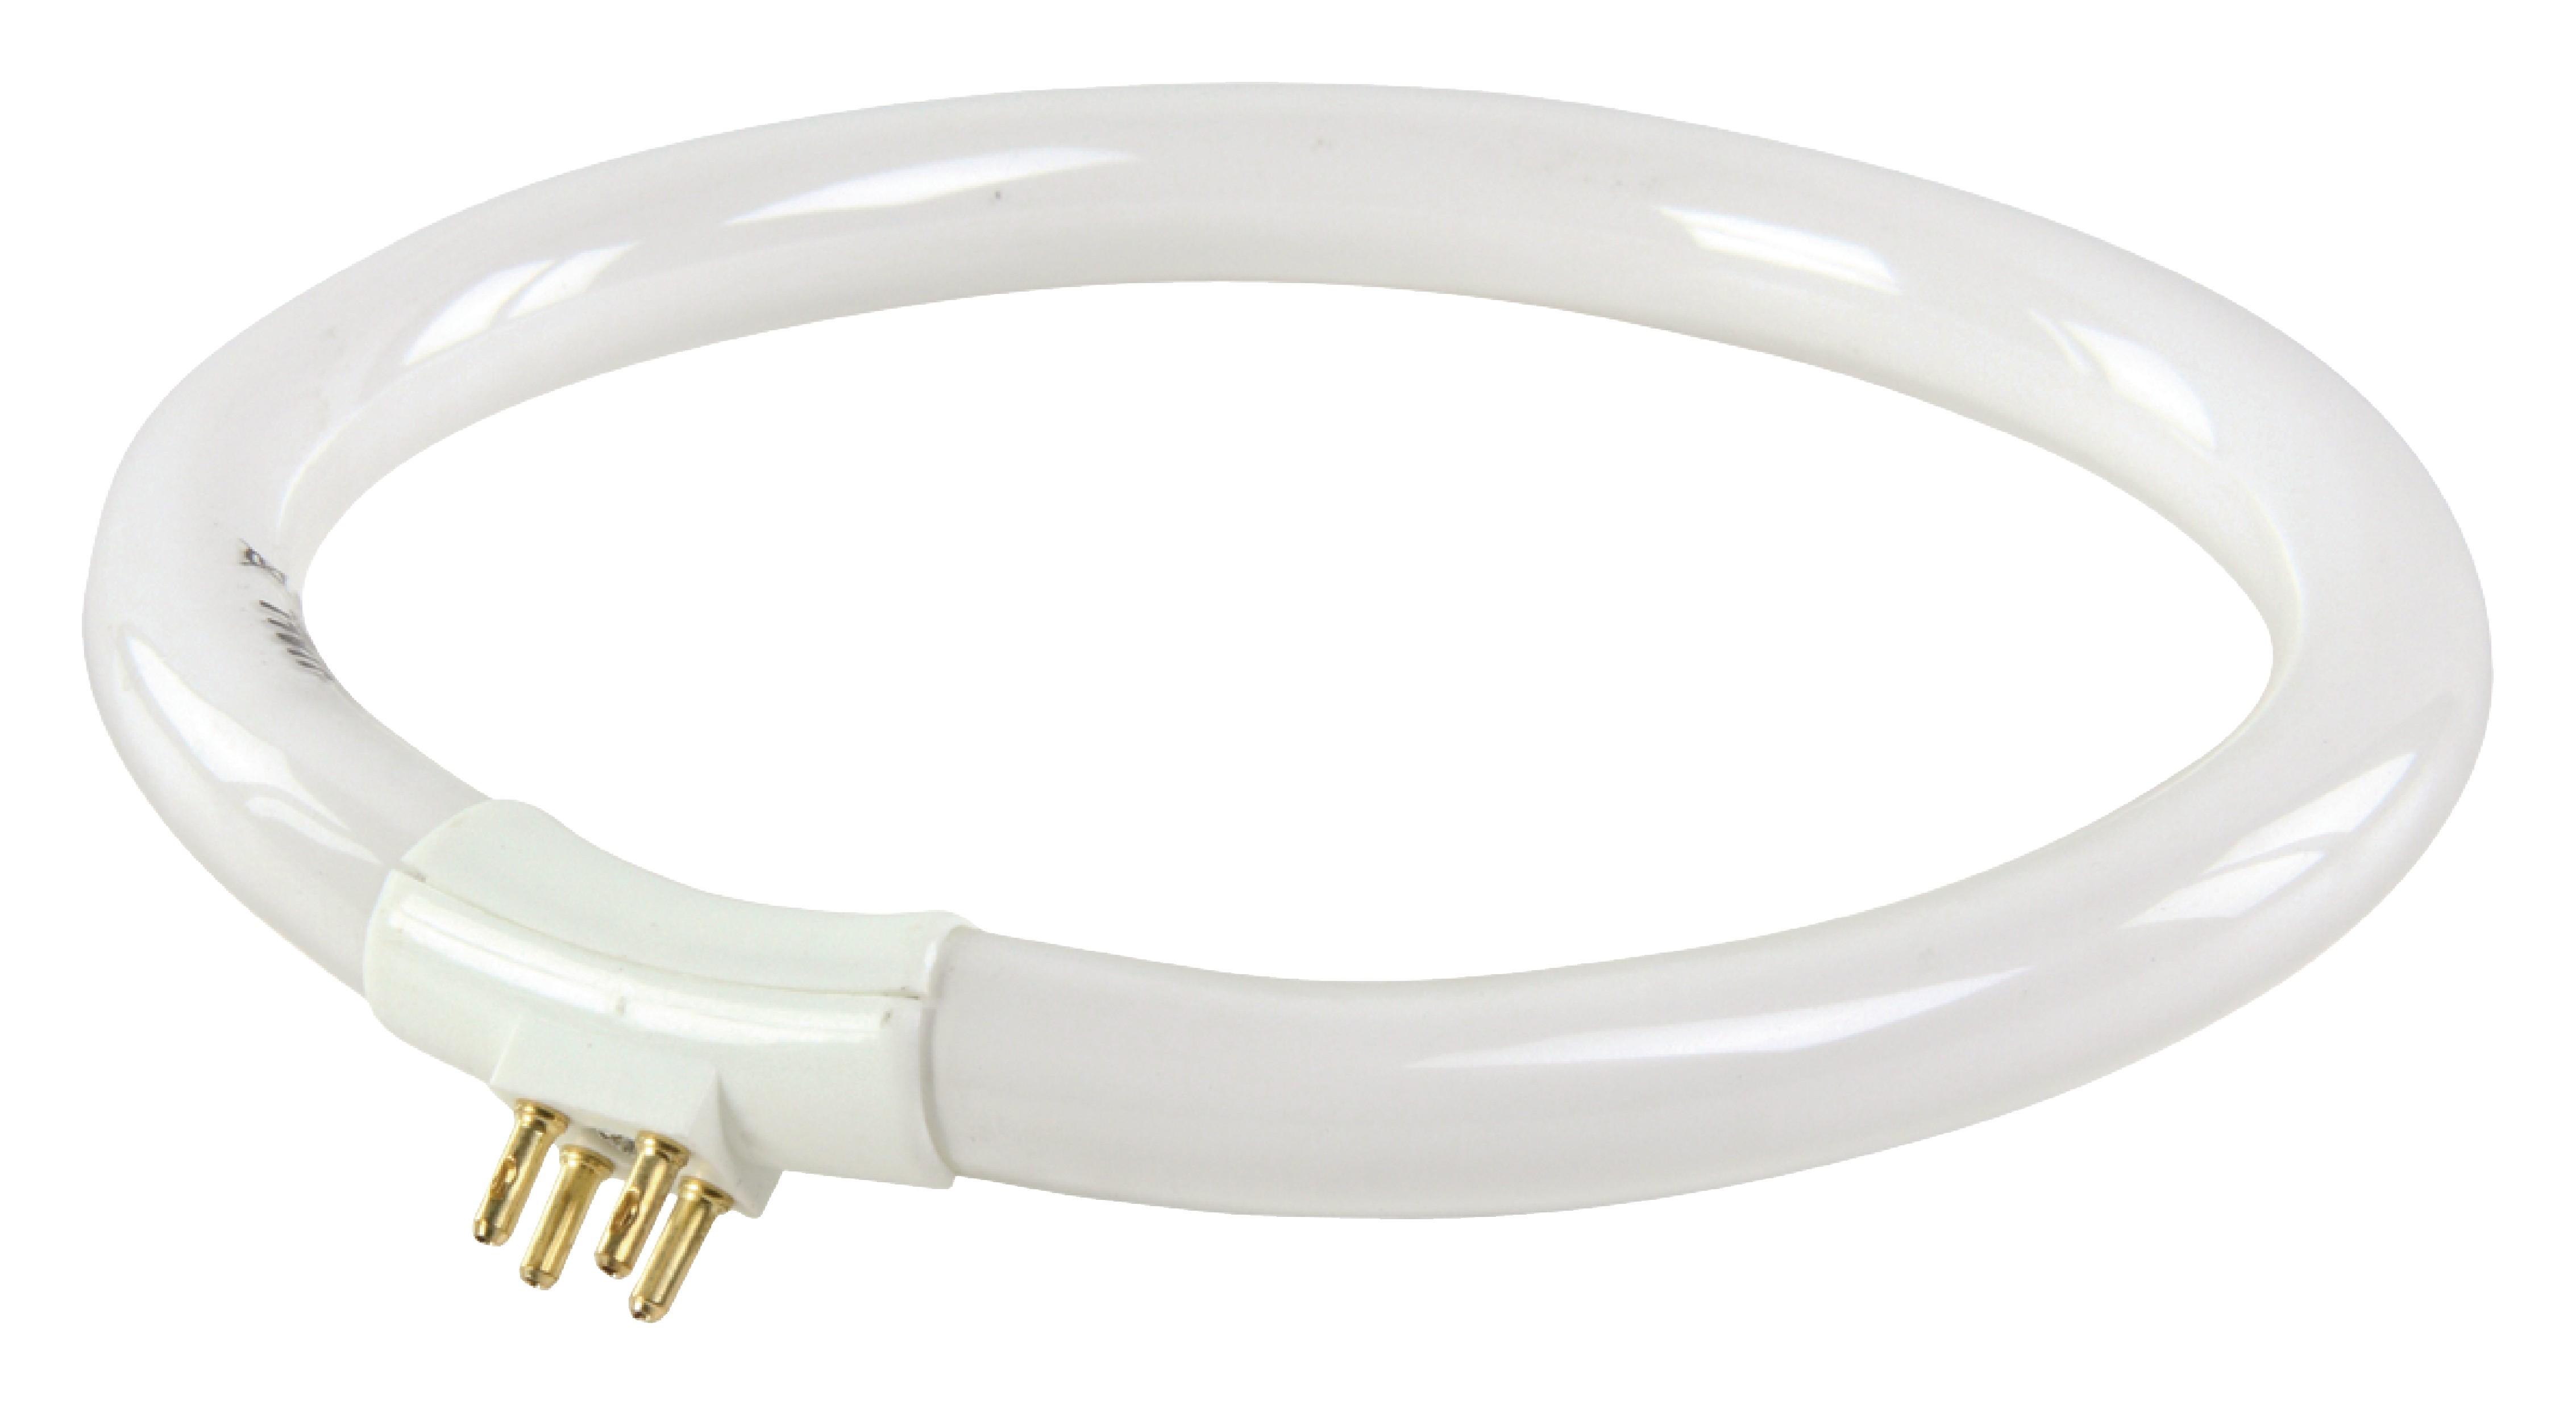 Náhradní úsporná žárovka do lampy s lupou MAG-LAMP3